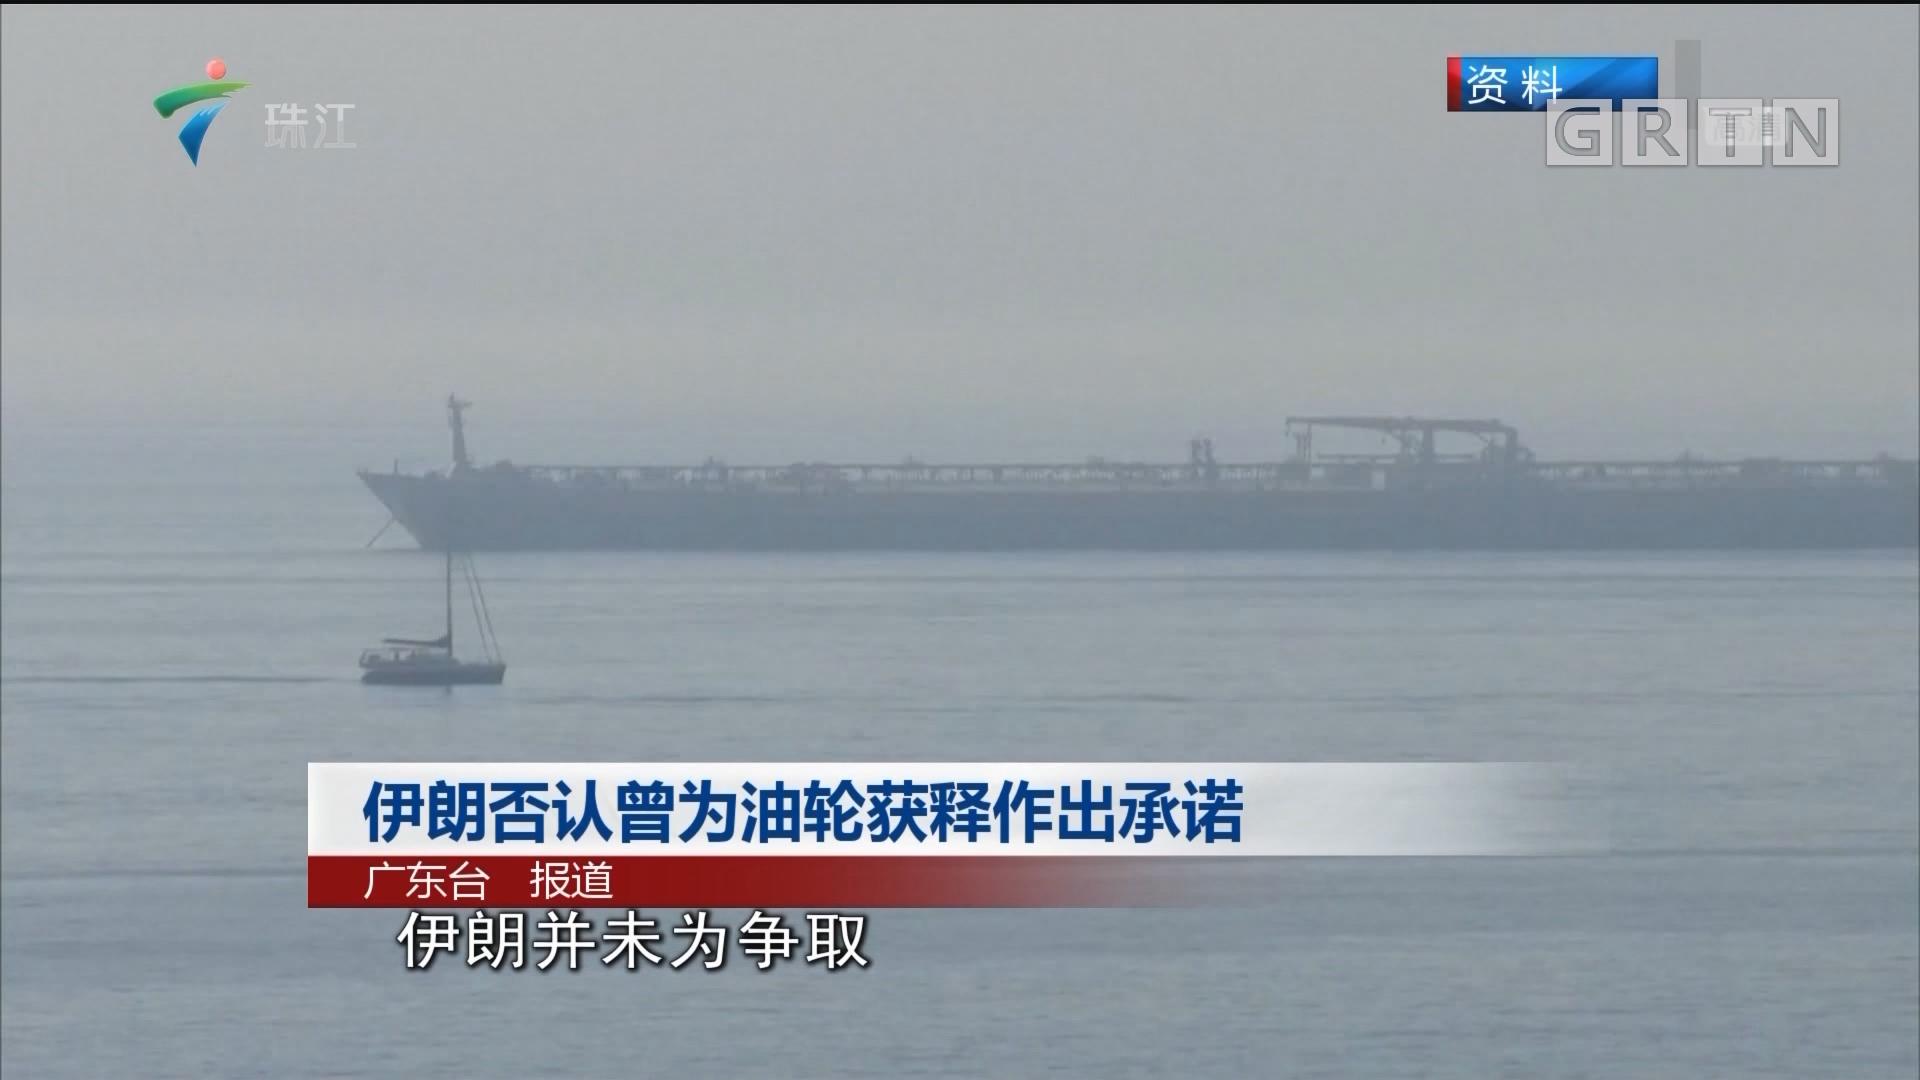 伊朗否认曾为油轮获释作出承诺